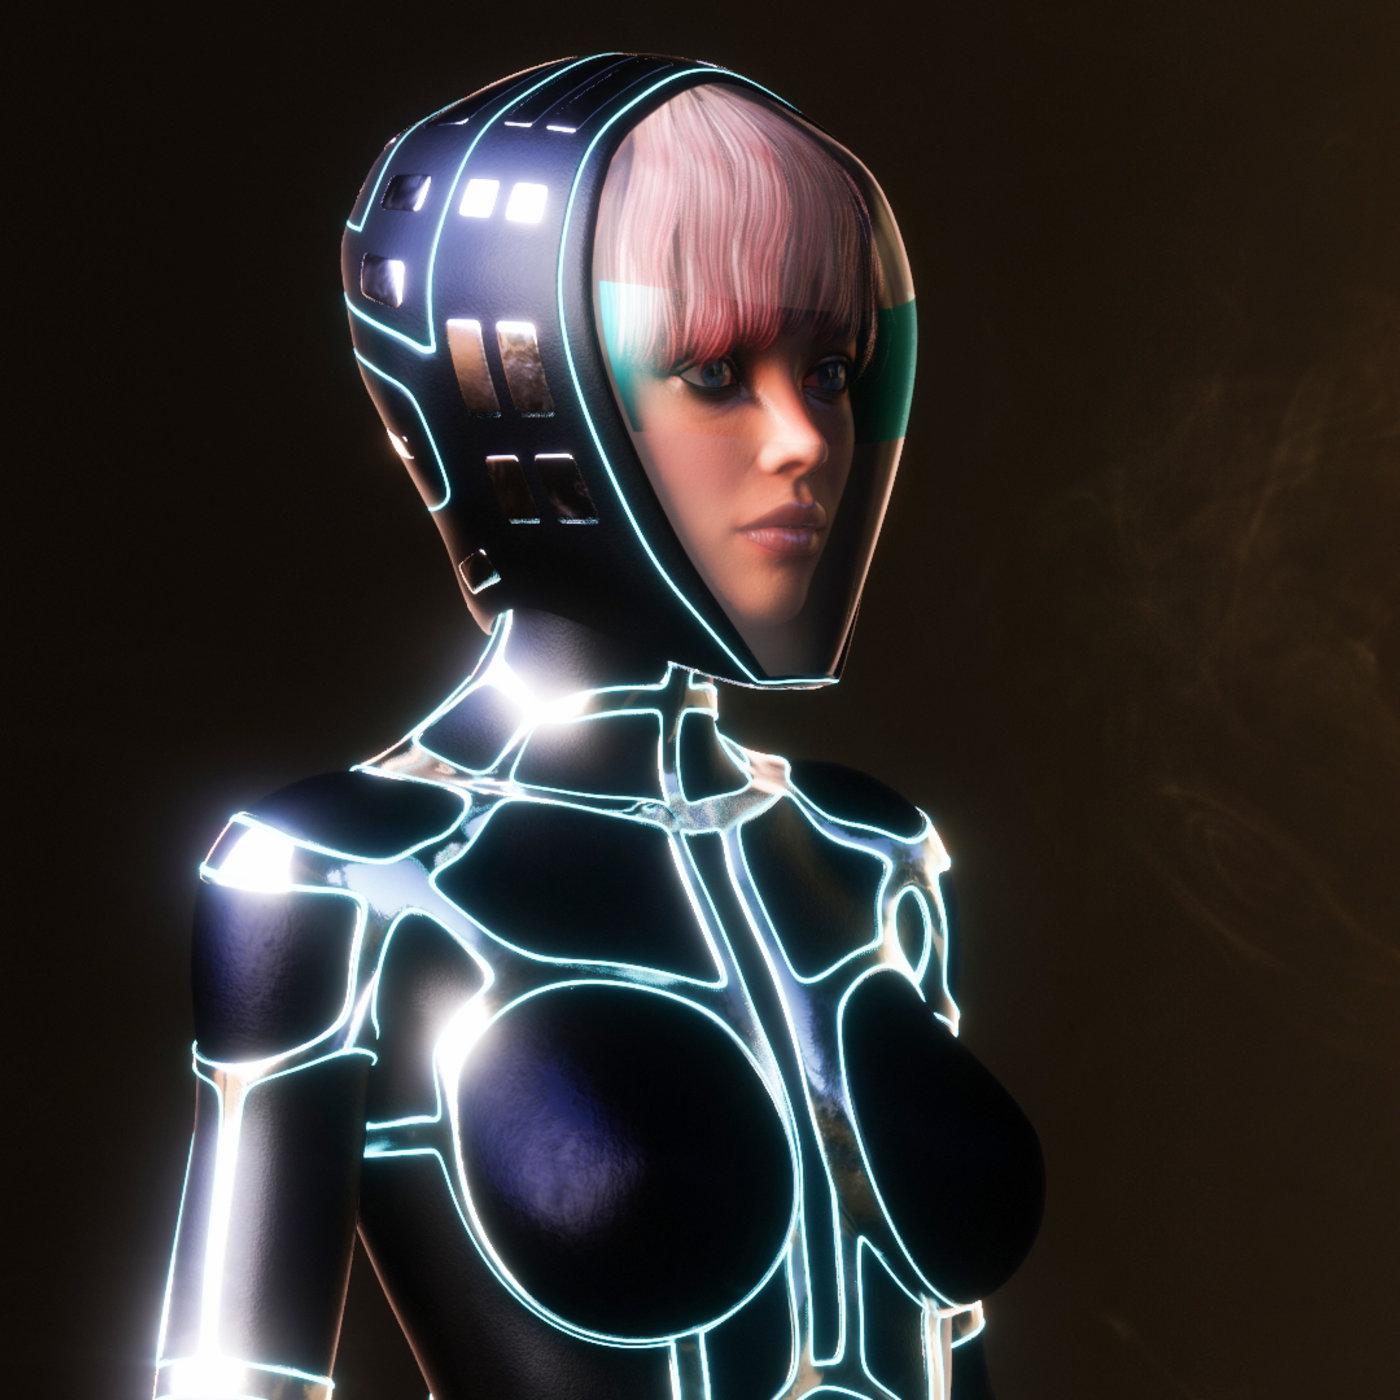 Sci-fi Space Suit Concept